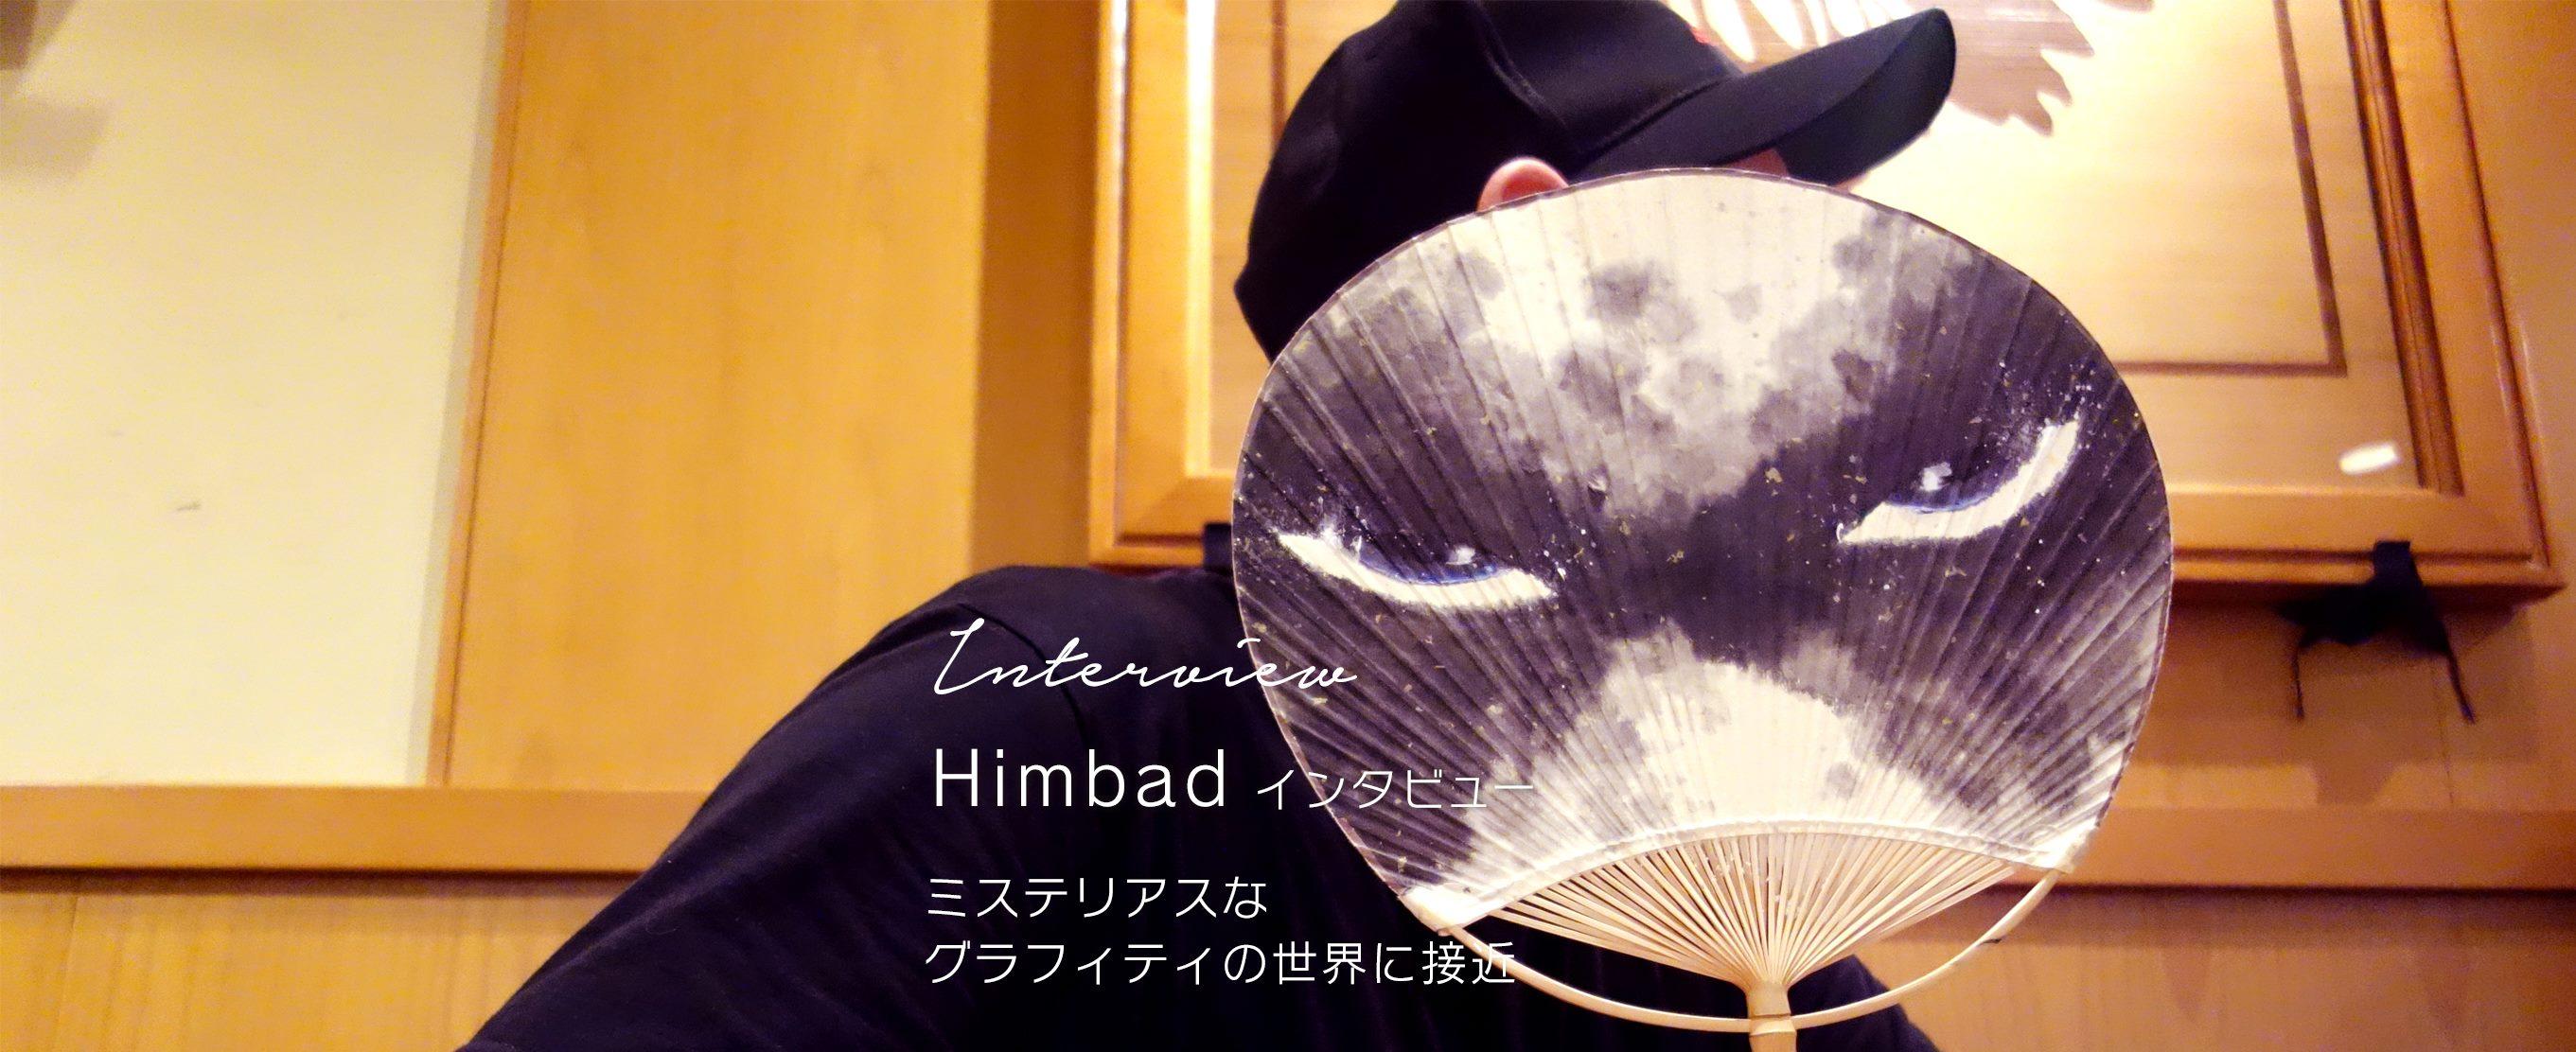 ミステリアスなグラフィティの世界に接近 Himbadインタビュー